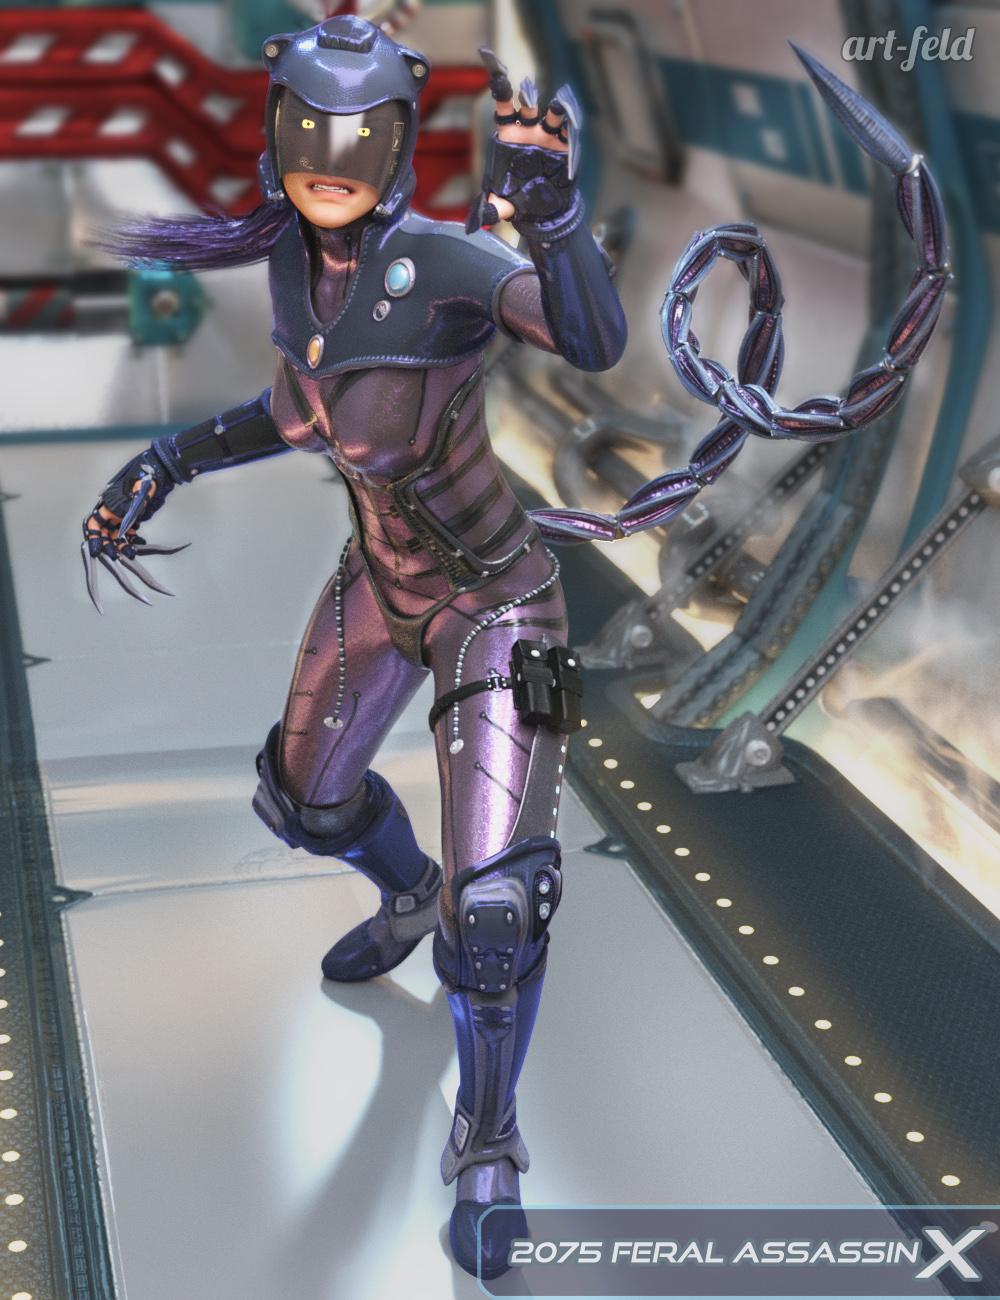 2075 Feral Assassin X for Genesis 3 Female(s) by: art-feld, 3D Models by Daz 3D